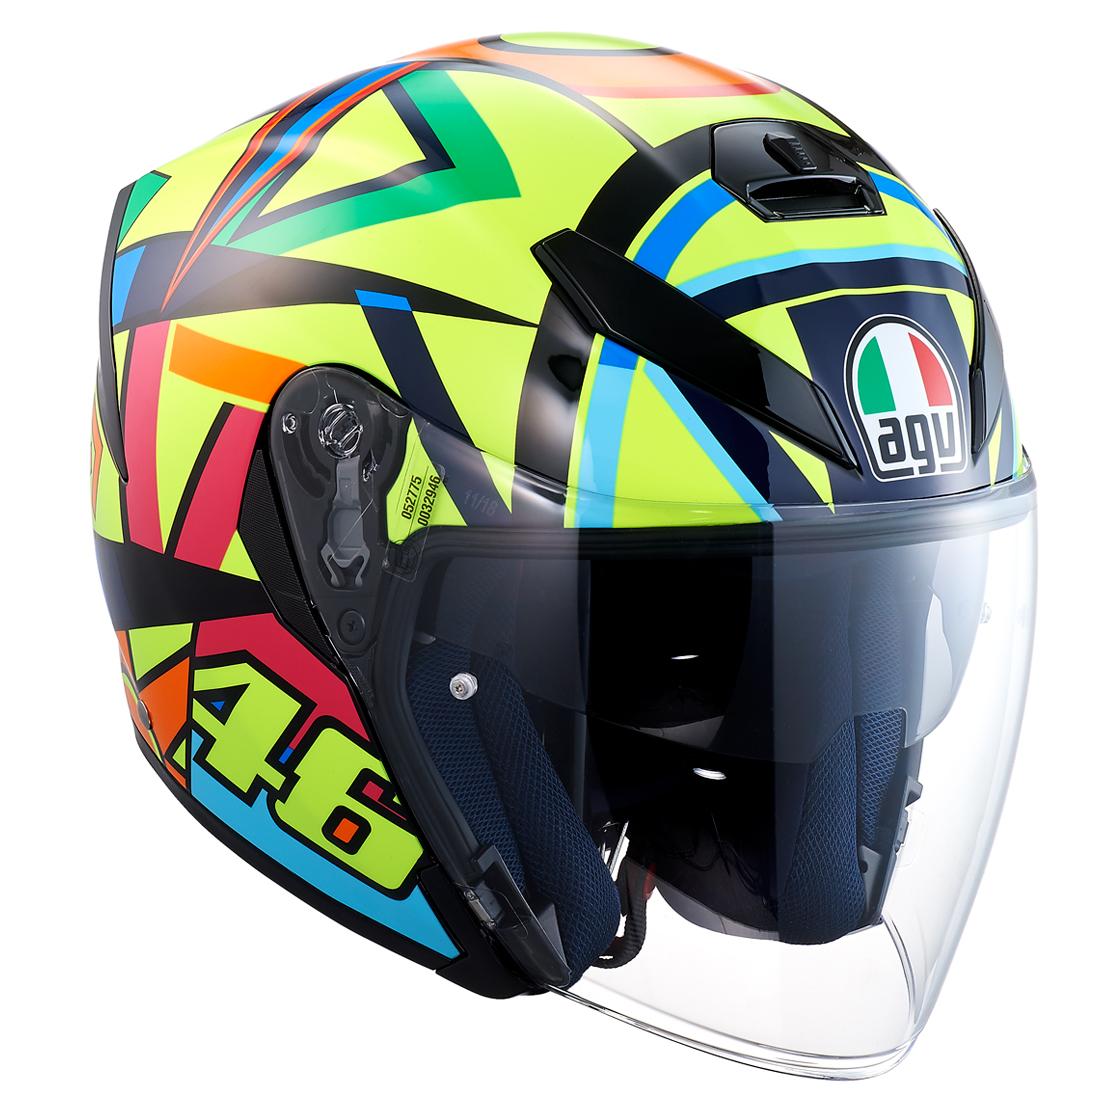 AGV(エージーブイ) バイク用ヘルメット ジェット K-5 JET SOLELUNA 2017 (ソレルナ 2017) Lサイズ (59-60cm) 113190G0-007-L